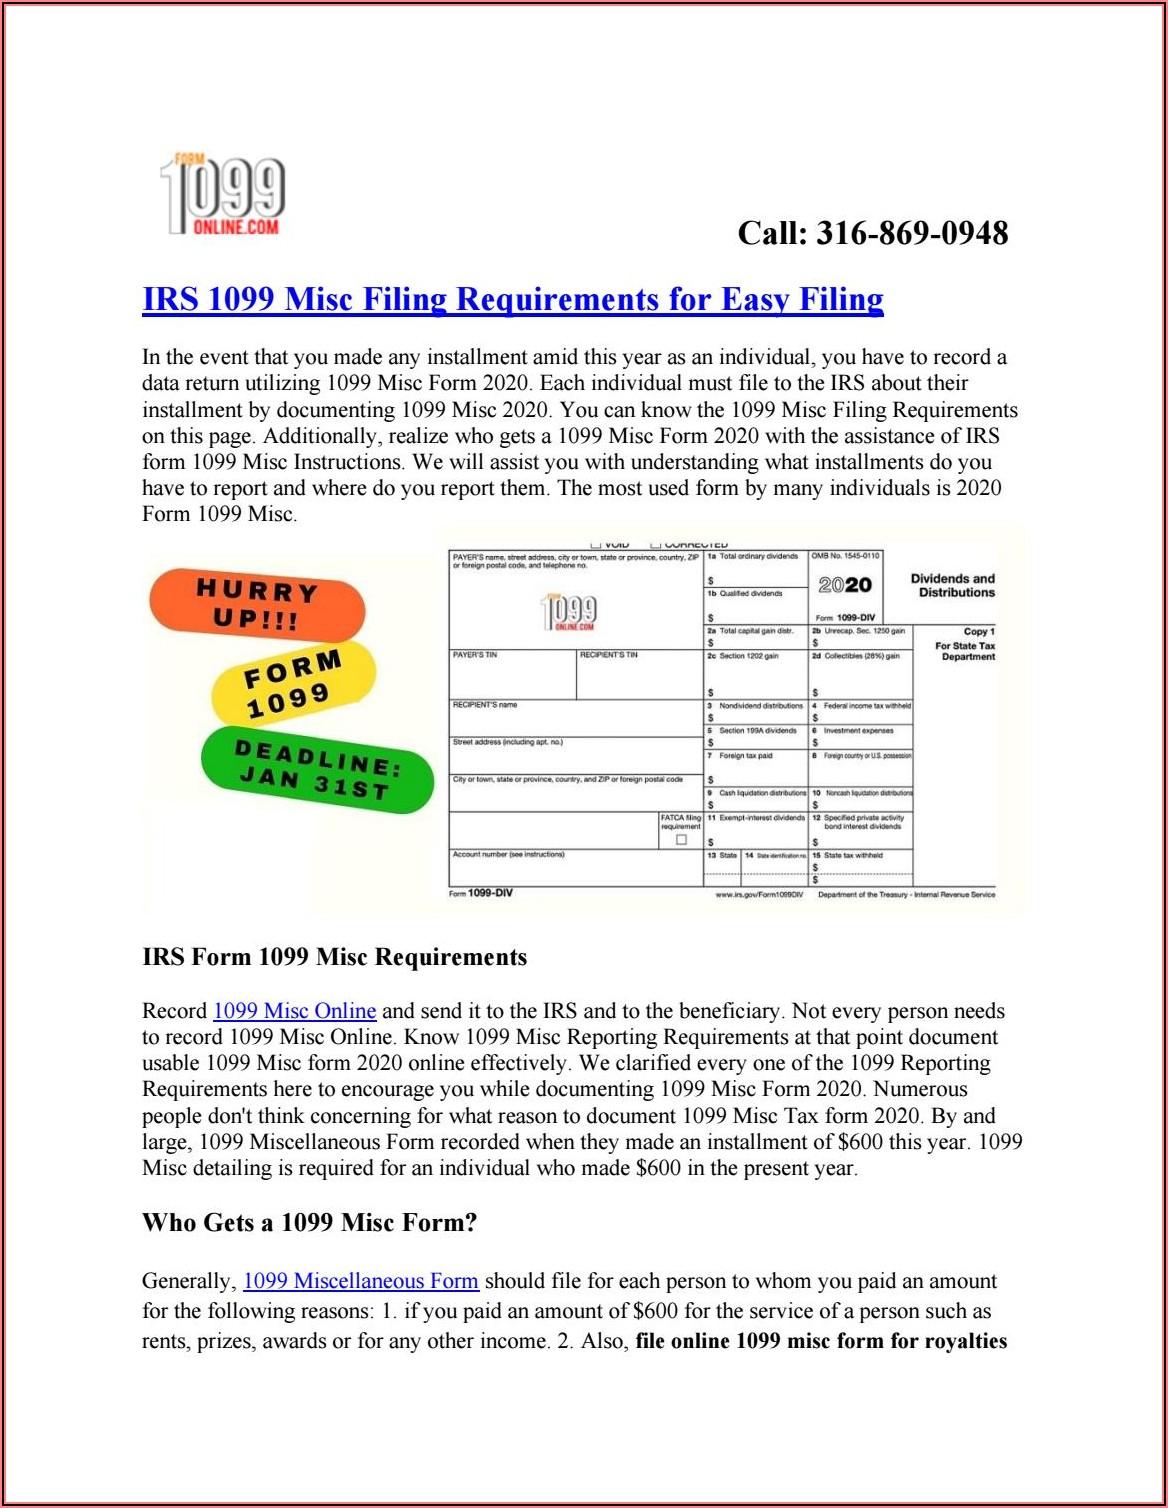 File Form 1099 Misc